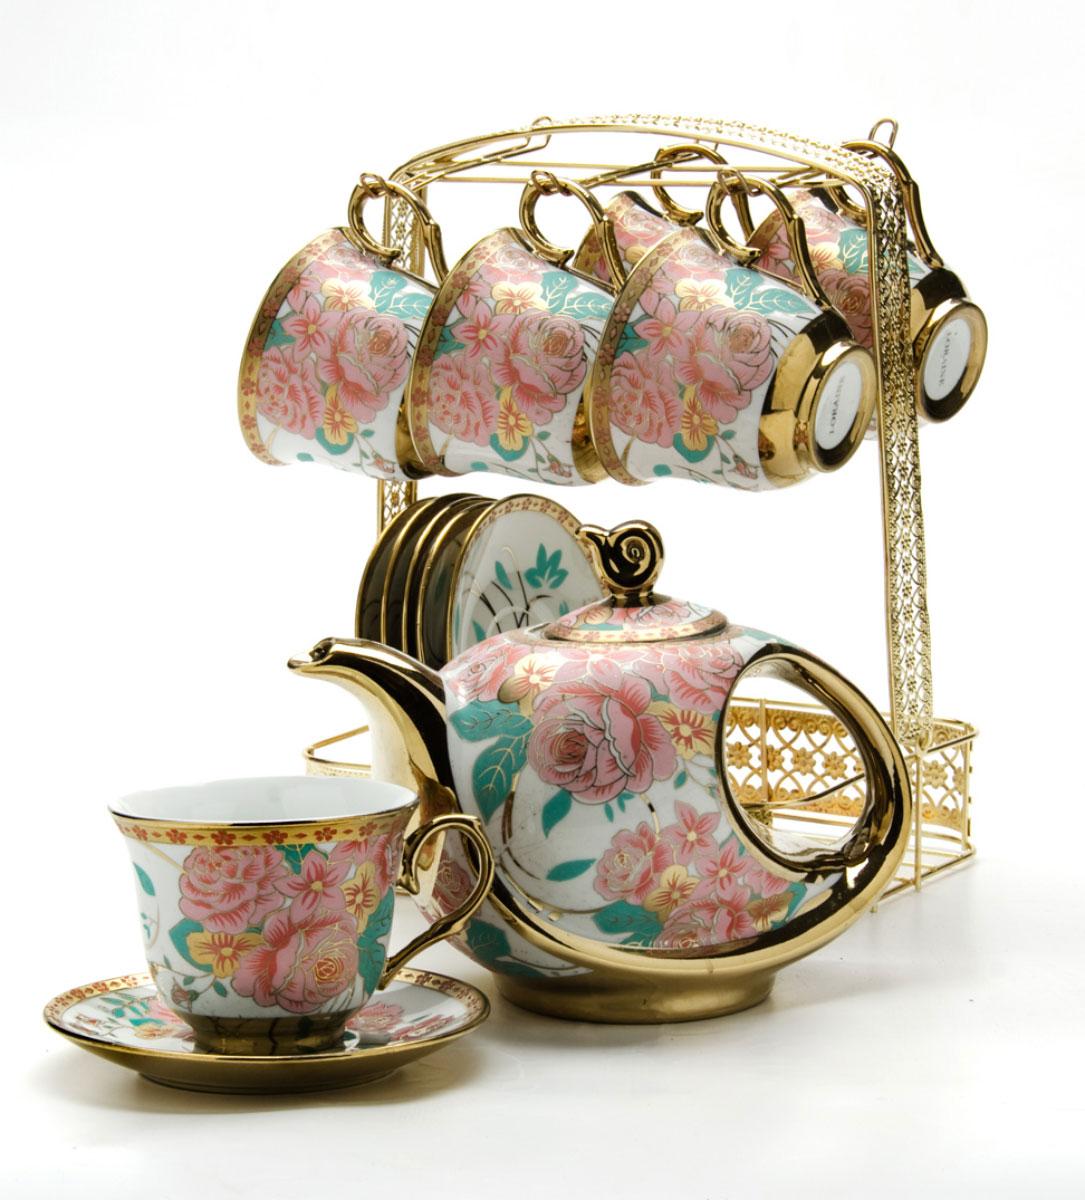 Набор чайный Loraine, на подставке, 15 предметов. 24783115510Чайный набор Loraine состоит из шести чашек, шести блюдец и заварочного чайника. Предметы набора изготовлены из керамики и оформлены изображением цветов и бабочек. Все предметы располагаются на удобной металлической подставке с ручкой. Элегантный дизайн набора придется по вкусу и ценителям классики, и тем, кто предпочитает утонченность и изысканность. Он настроит на позитивный лад и подарит хорошее настроение с самого утра. Чайный набор идеально подойдет для сервировки стола и станет отличным подарком к любому празднику.Объем чашки: 220 мл.Объем чайника: 950 мл.Диаметр блюдца: 13,5 см.